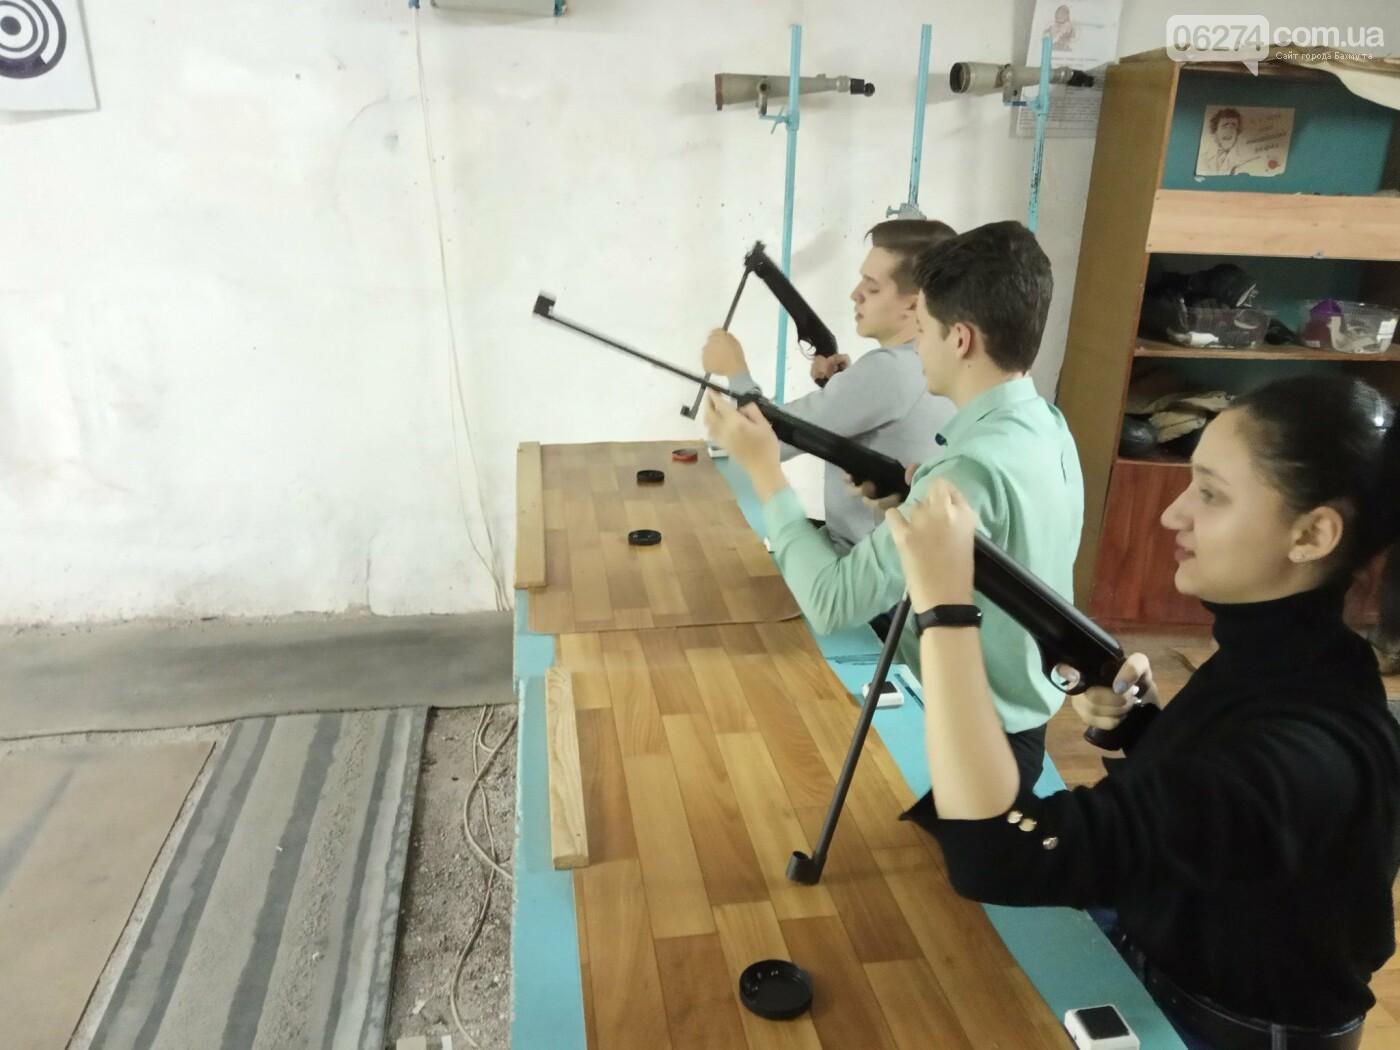 Школьники Бахмута соревновались в стрельбе, фото-1